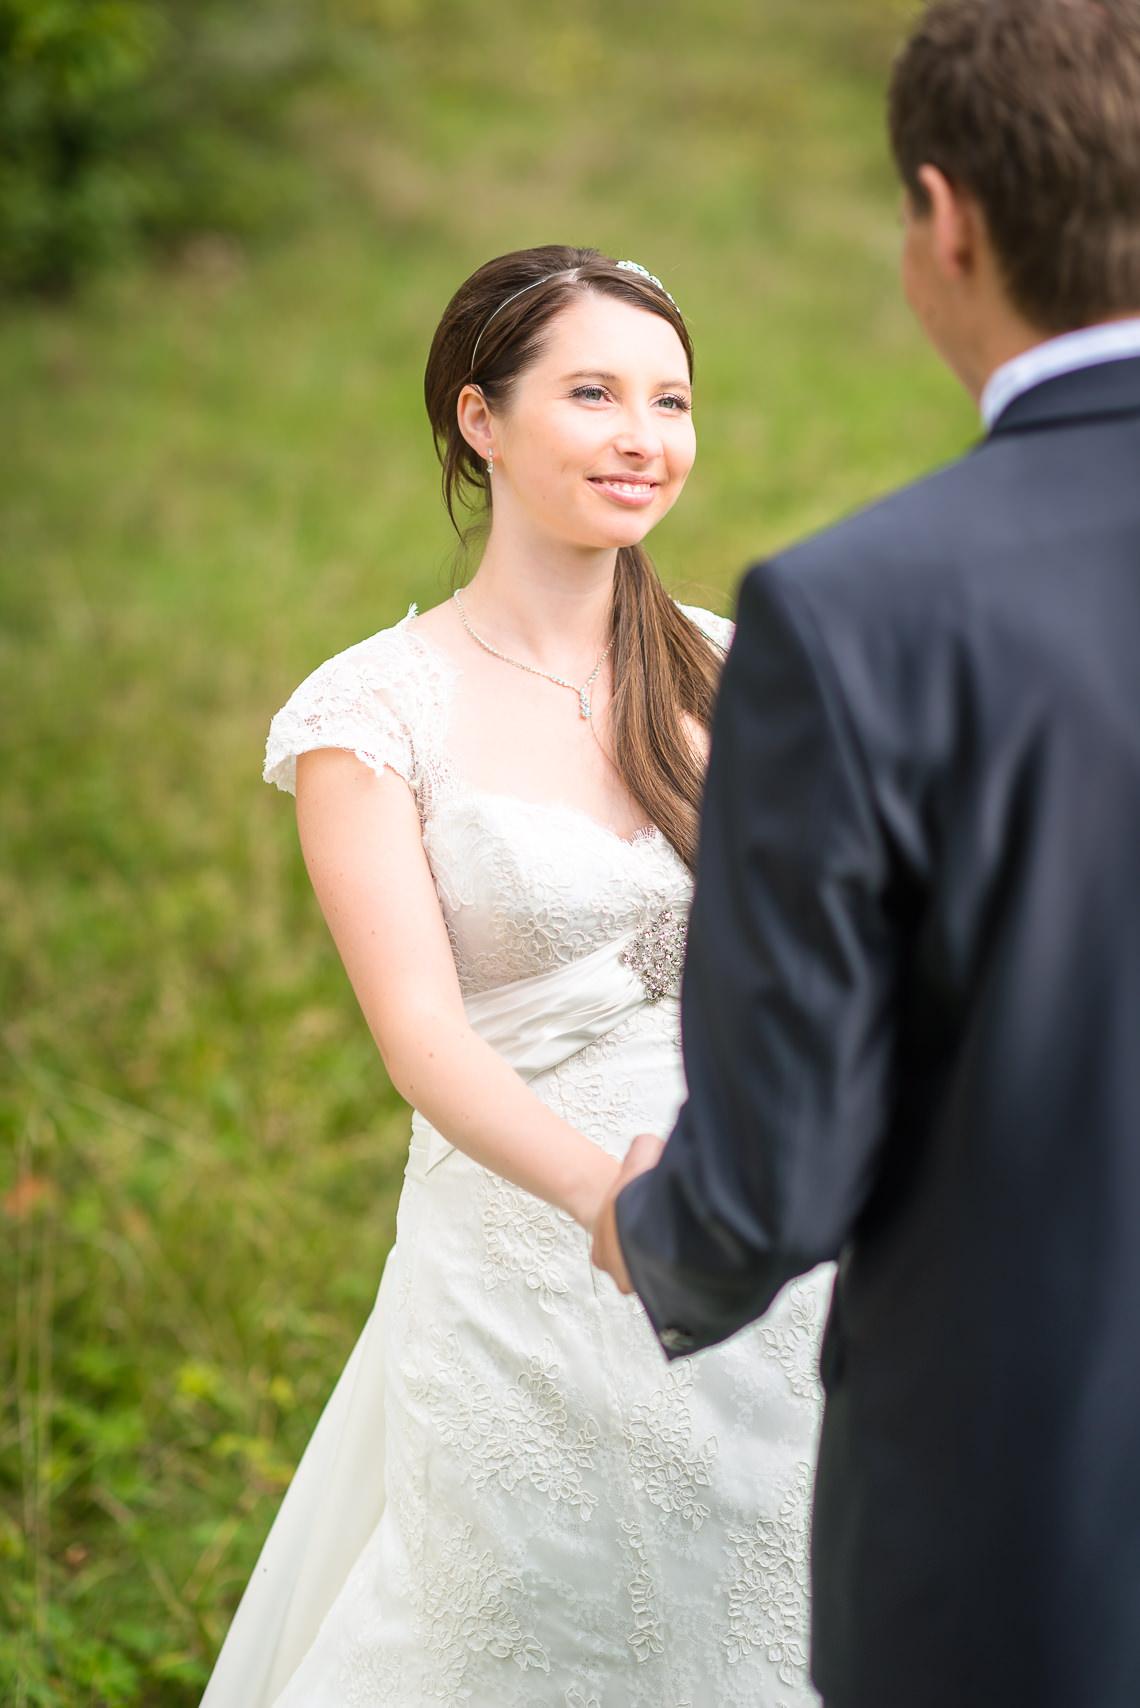 0025_20150904_CKE_2612_Hochzeit_Janine_Michael_